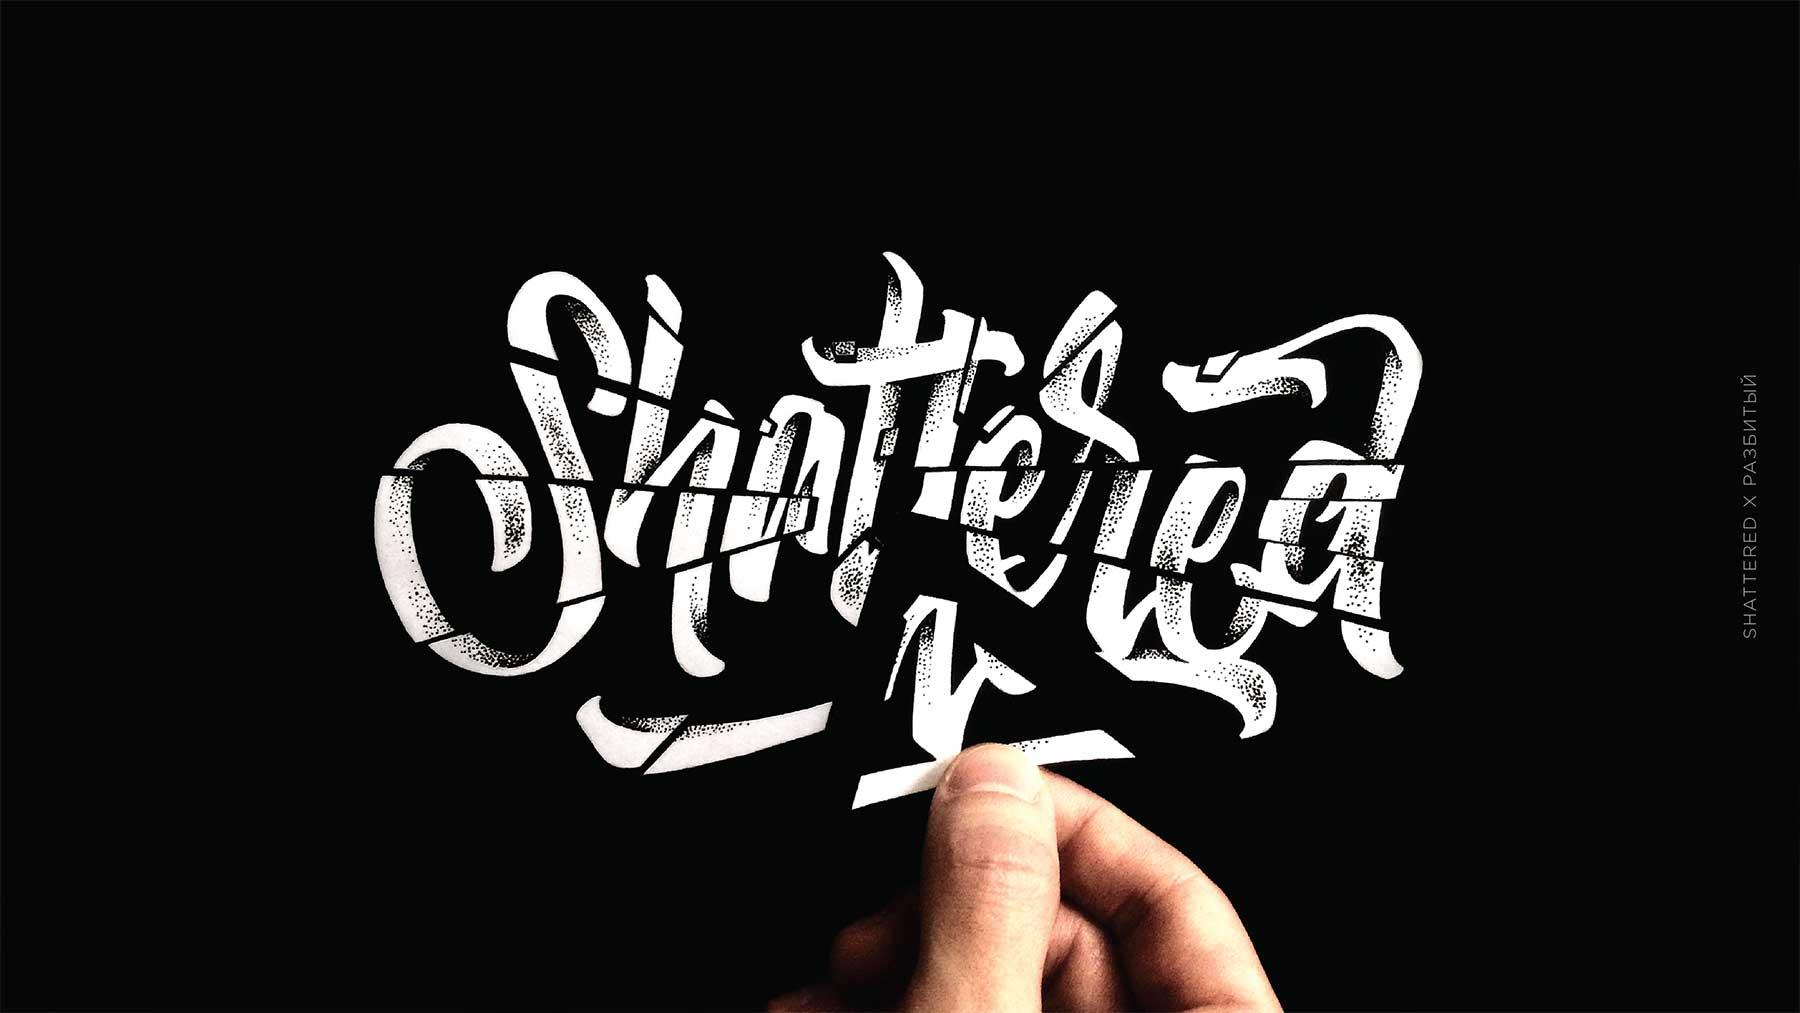 Schöngeschriebenes entsprechend der Wortbedeutung Dima-AbraKadabra-calligraphy-meaning_04